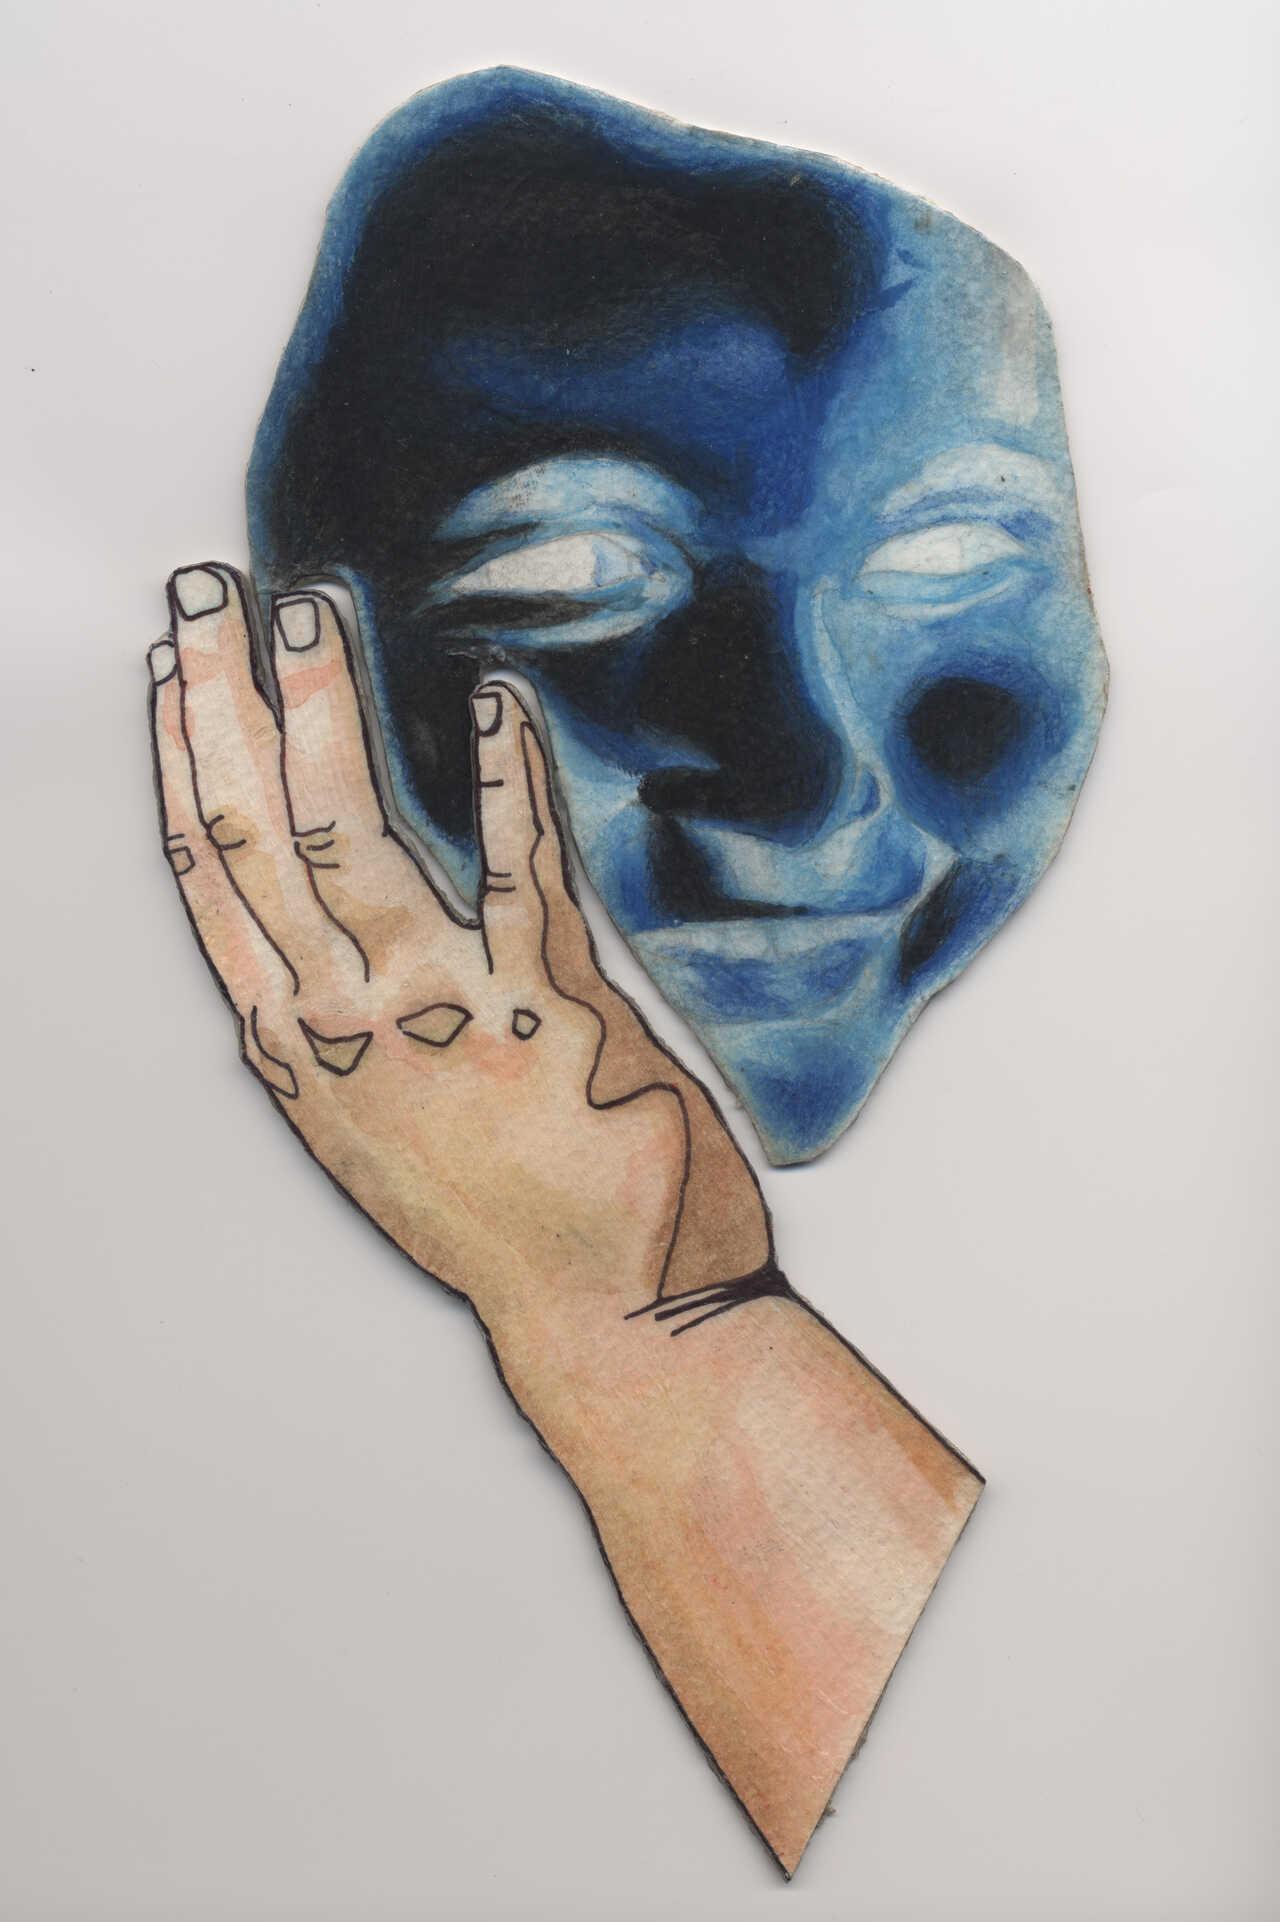 Μπλε πρόσωπο, 2020, κατασκευή από χαρτόνι, 2 τεμάχια, 25Χ16 εκ..